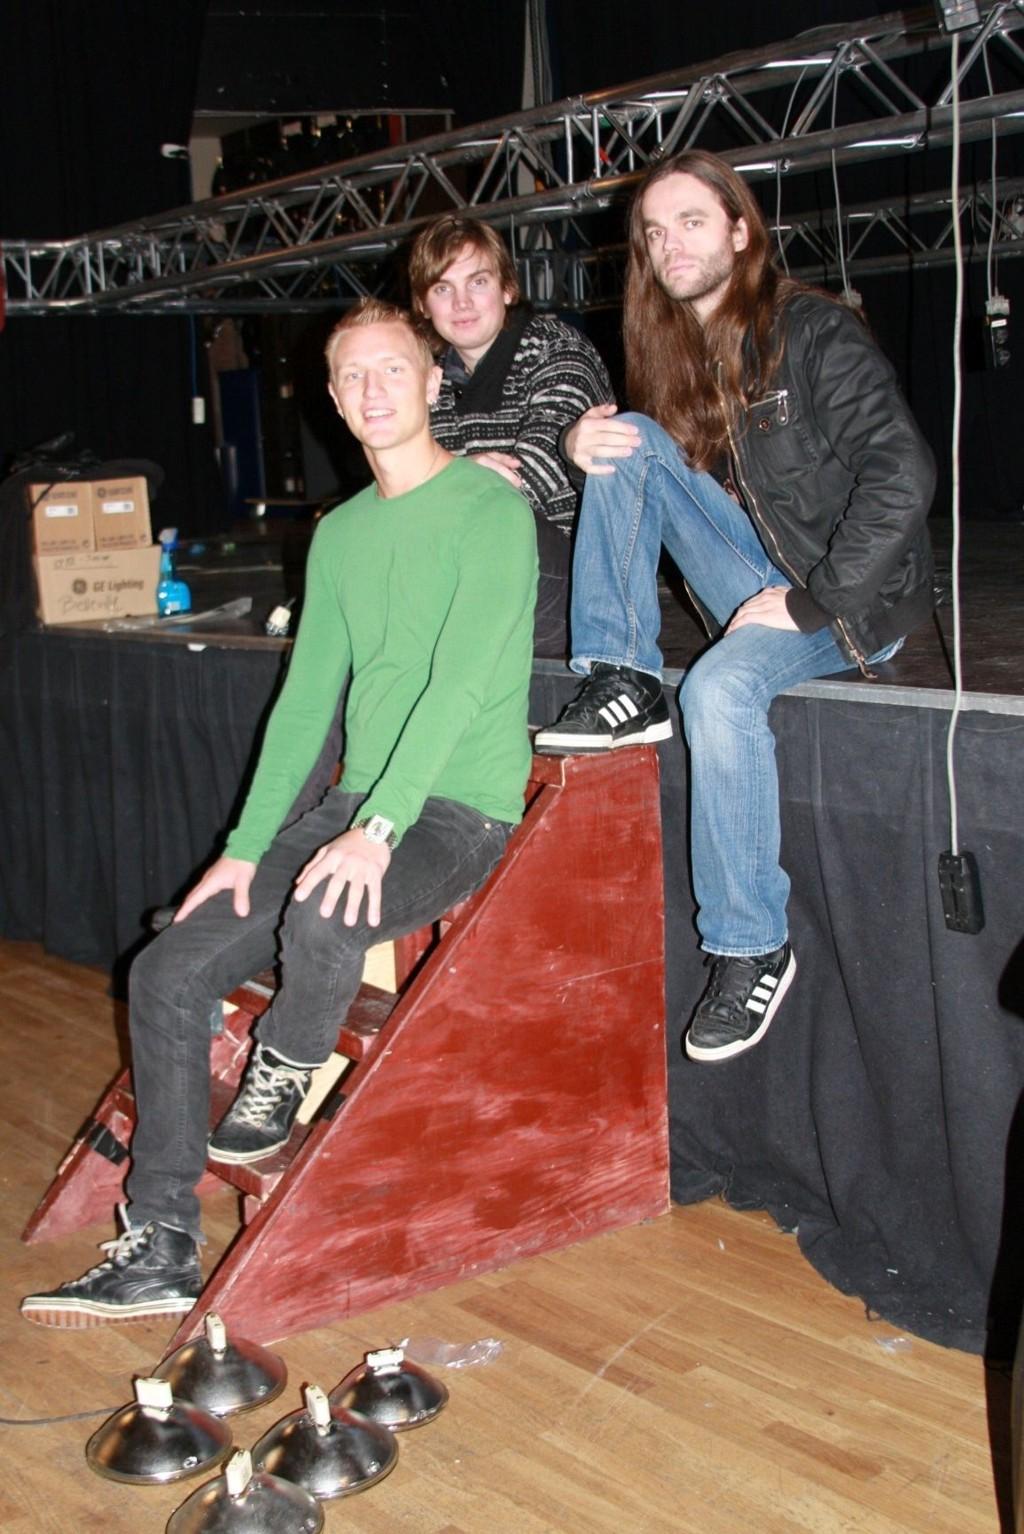 Fredrik Solberg, Johan Tobias Bergstrøm og Gildas Le Pape (Satyricon) prøvesitter scenen på Cosmopolite. Og gleder seg til helgen!